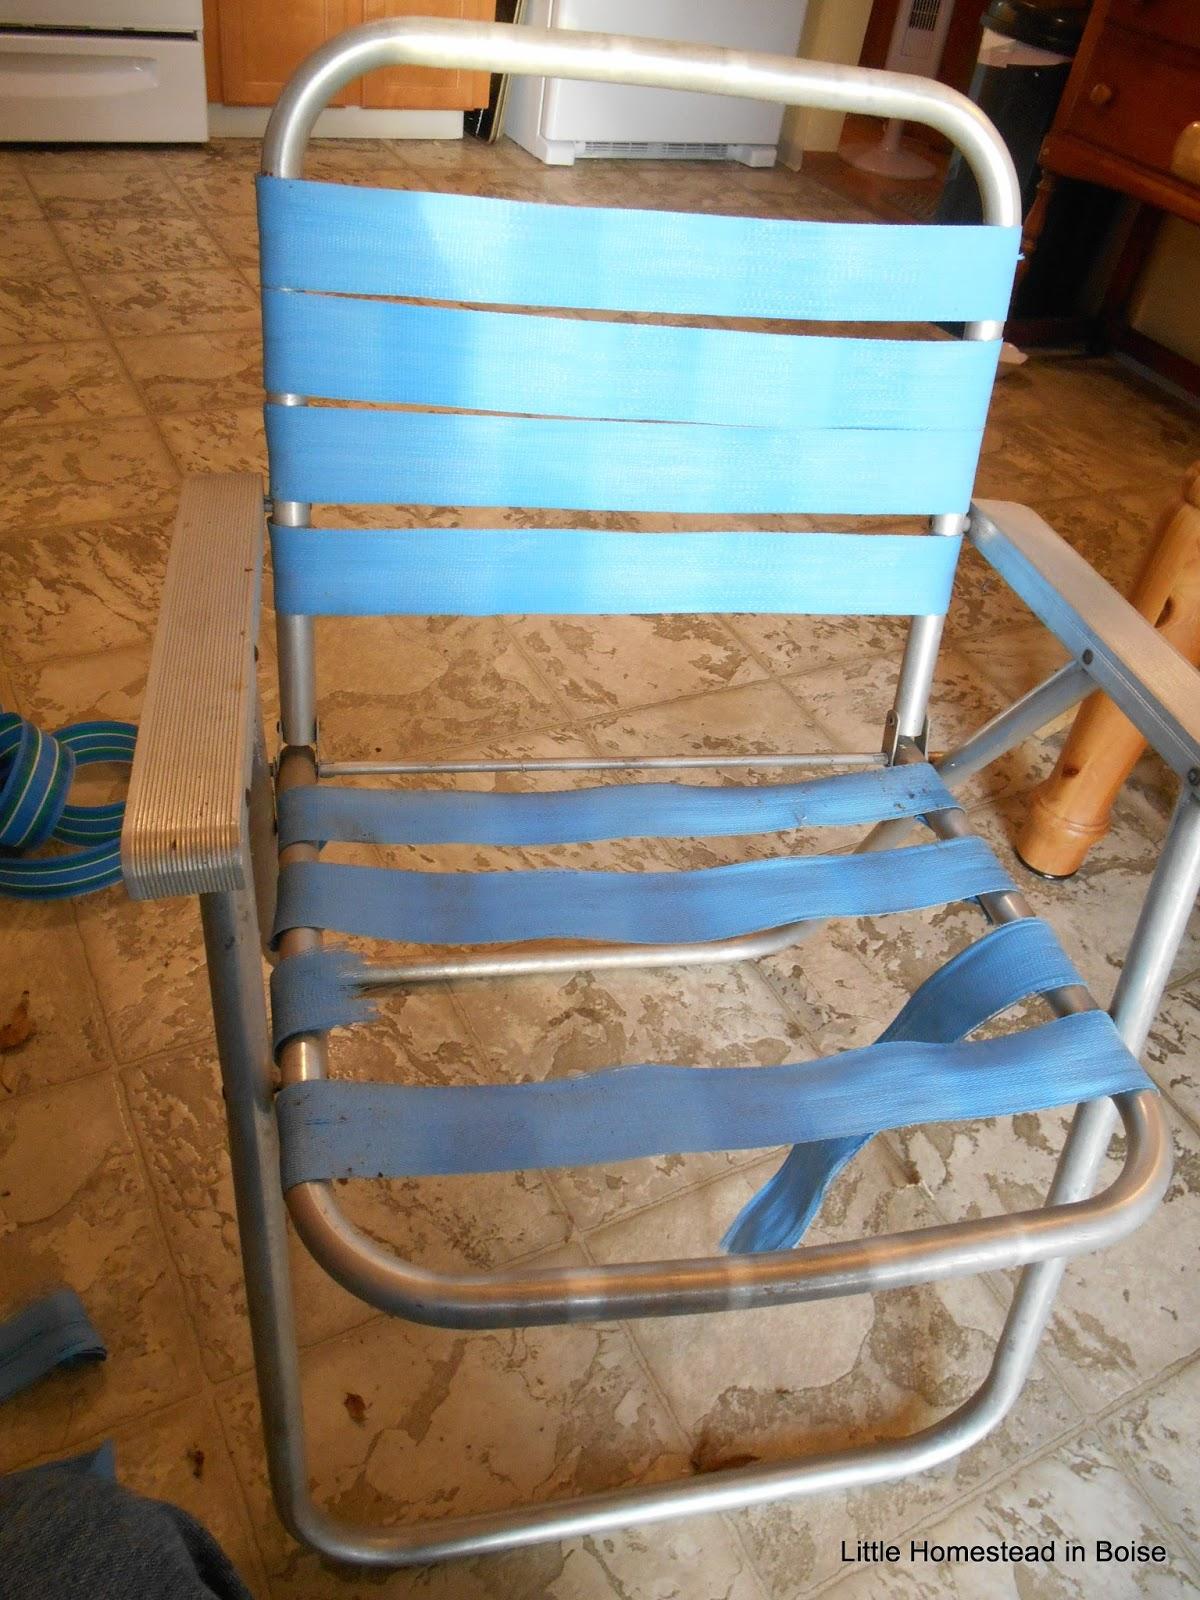 Little Homestead in Boise Re Webbing a Vintage Lawn Chair Mini